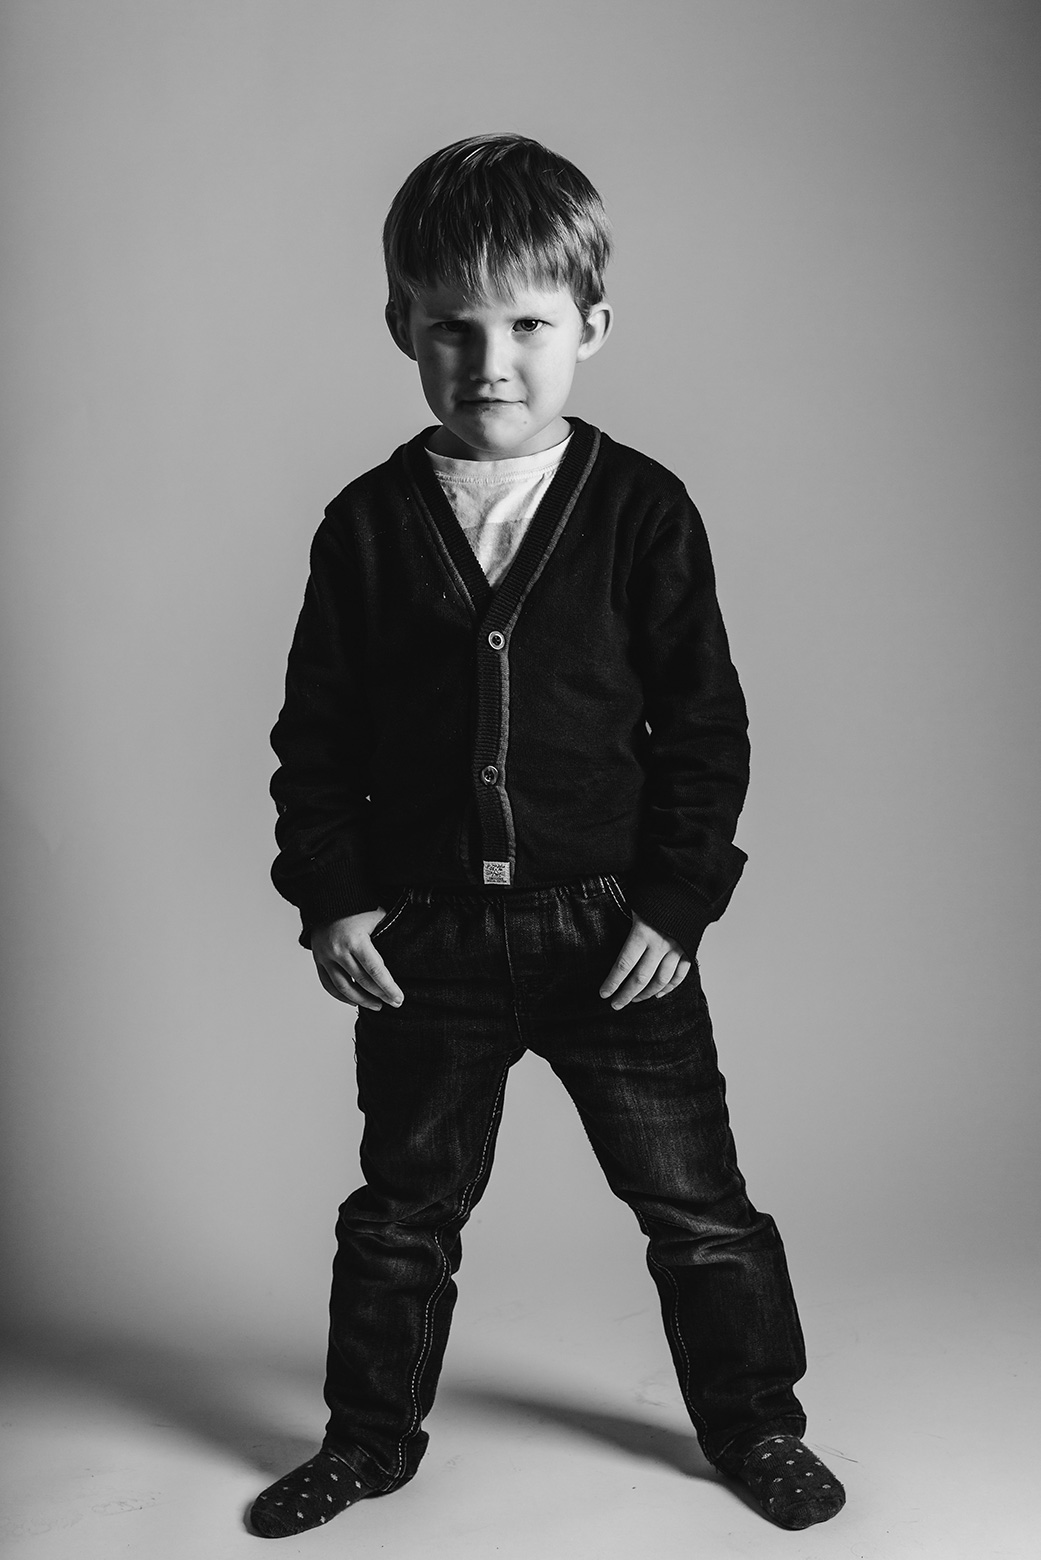 CowBoy_GregHau Photography